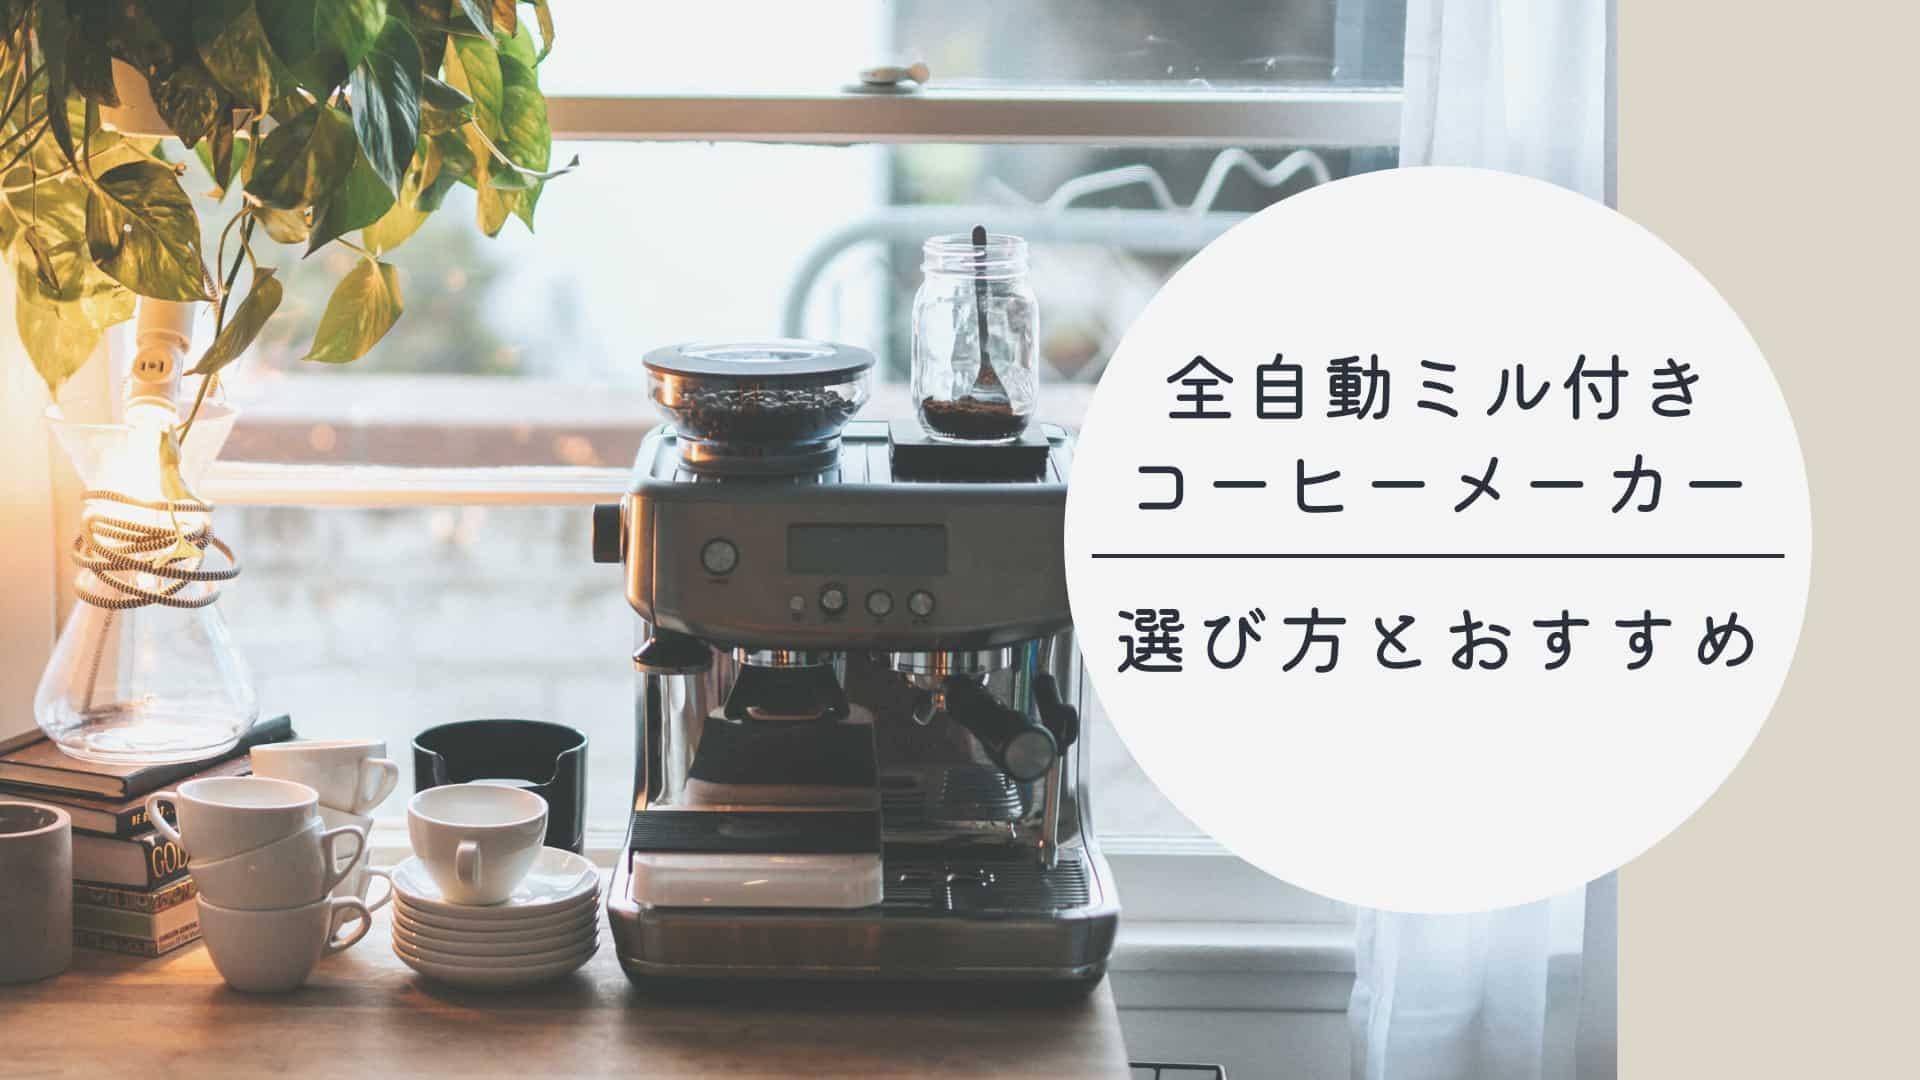 全自動ミル付きコーヒーメーカー選び方